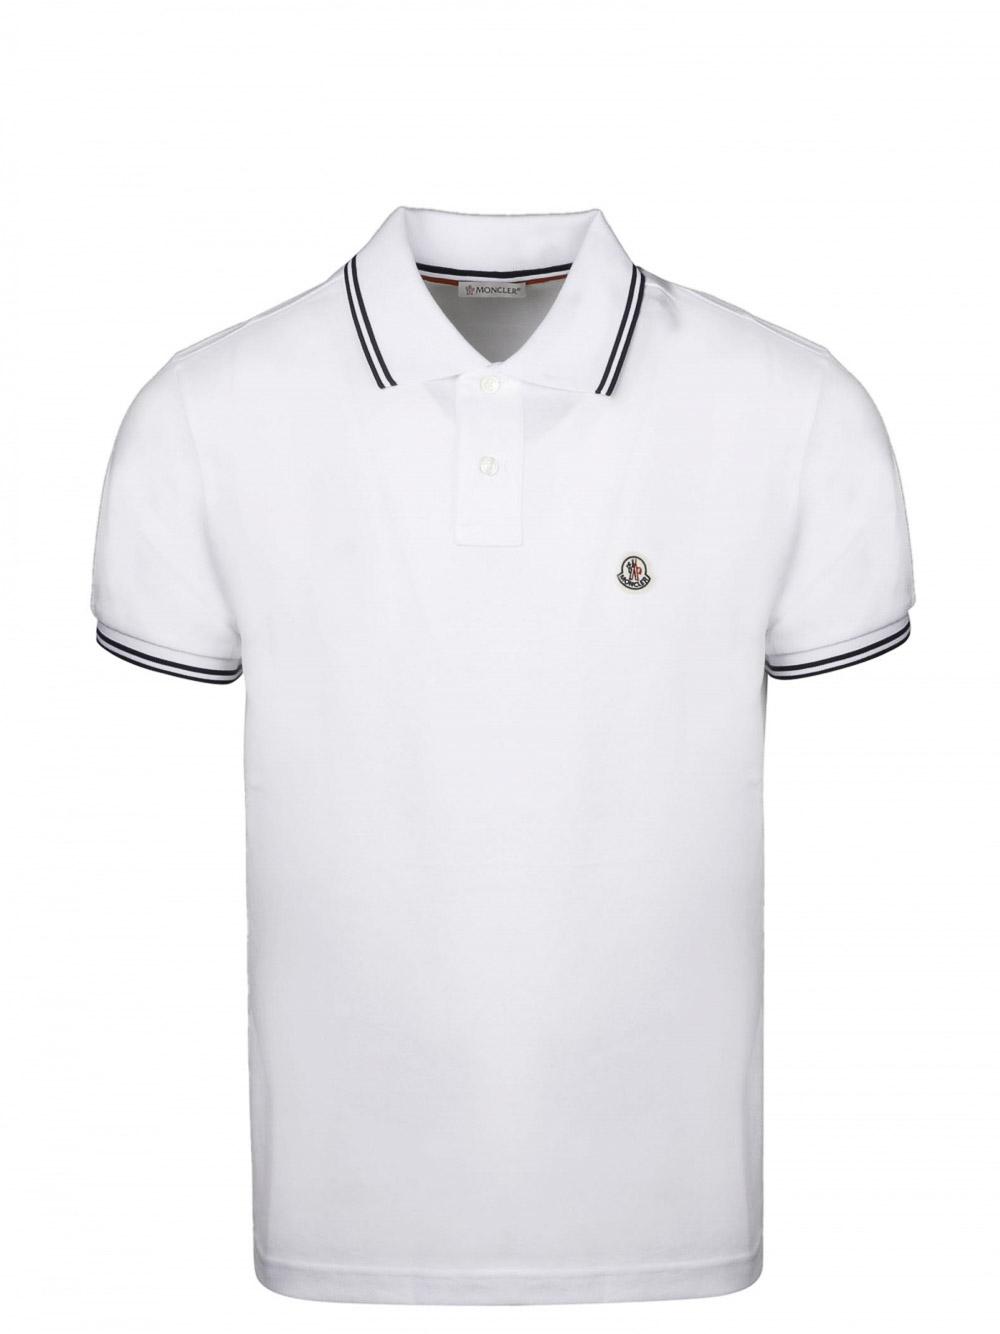 MONCLER Μπλούζα Polo 0918A7060084556-001 ΛΕΥΚΟ